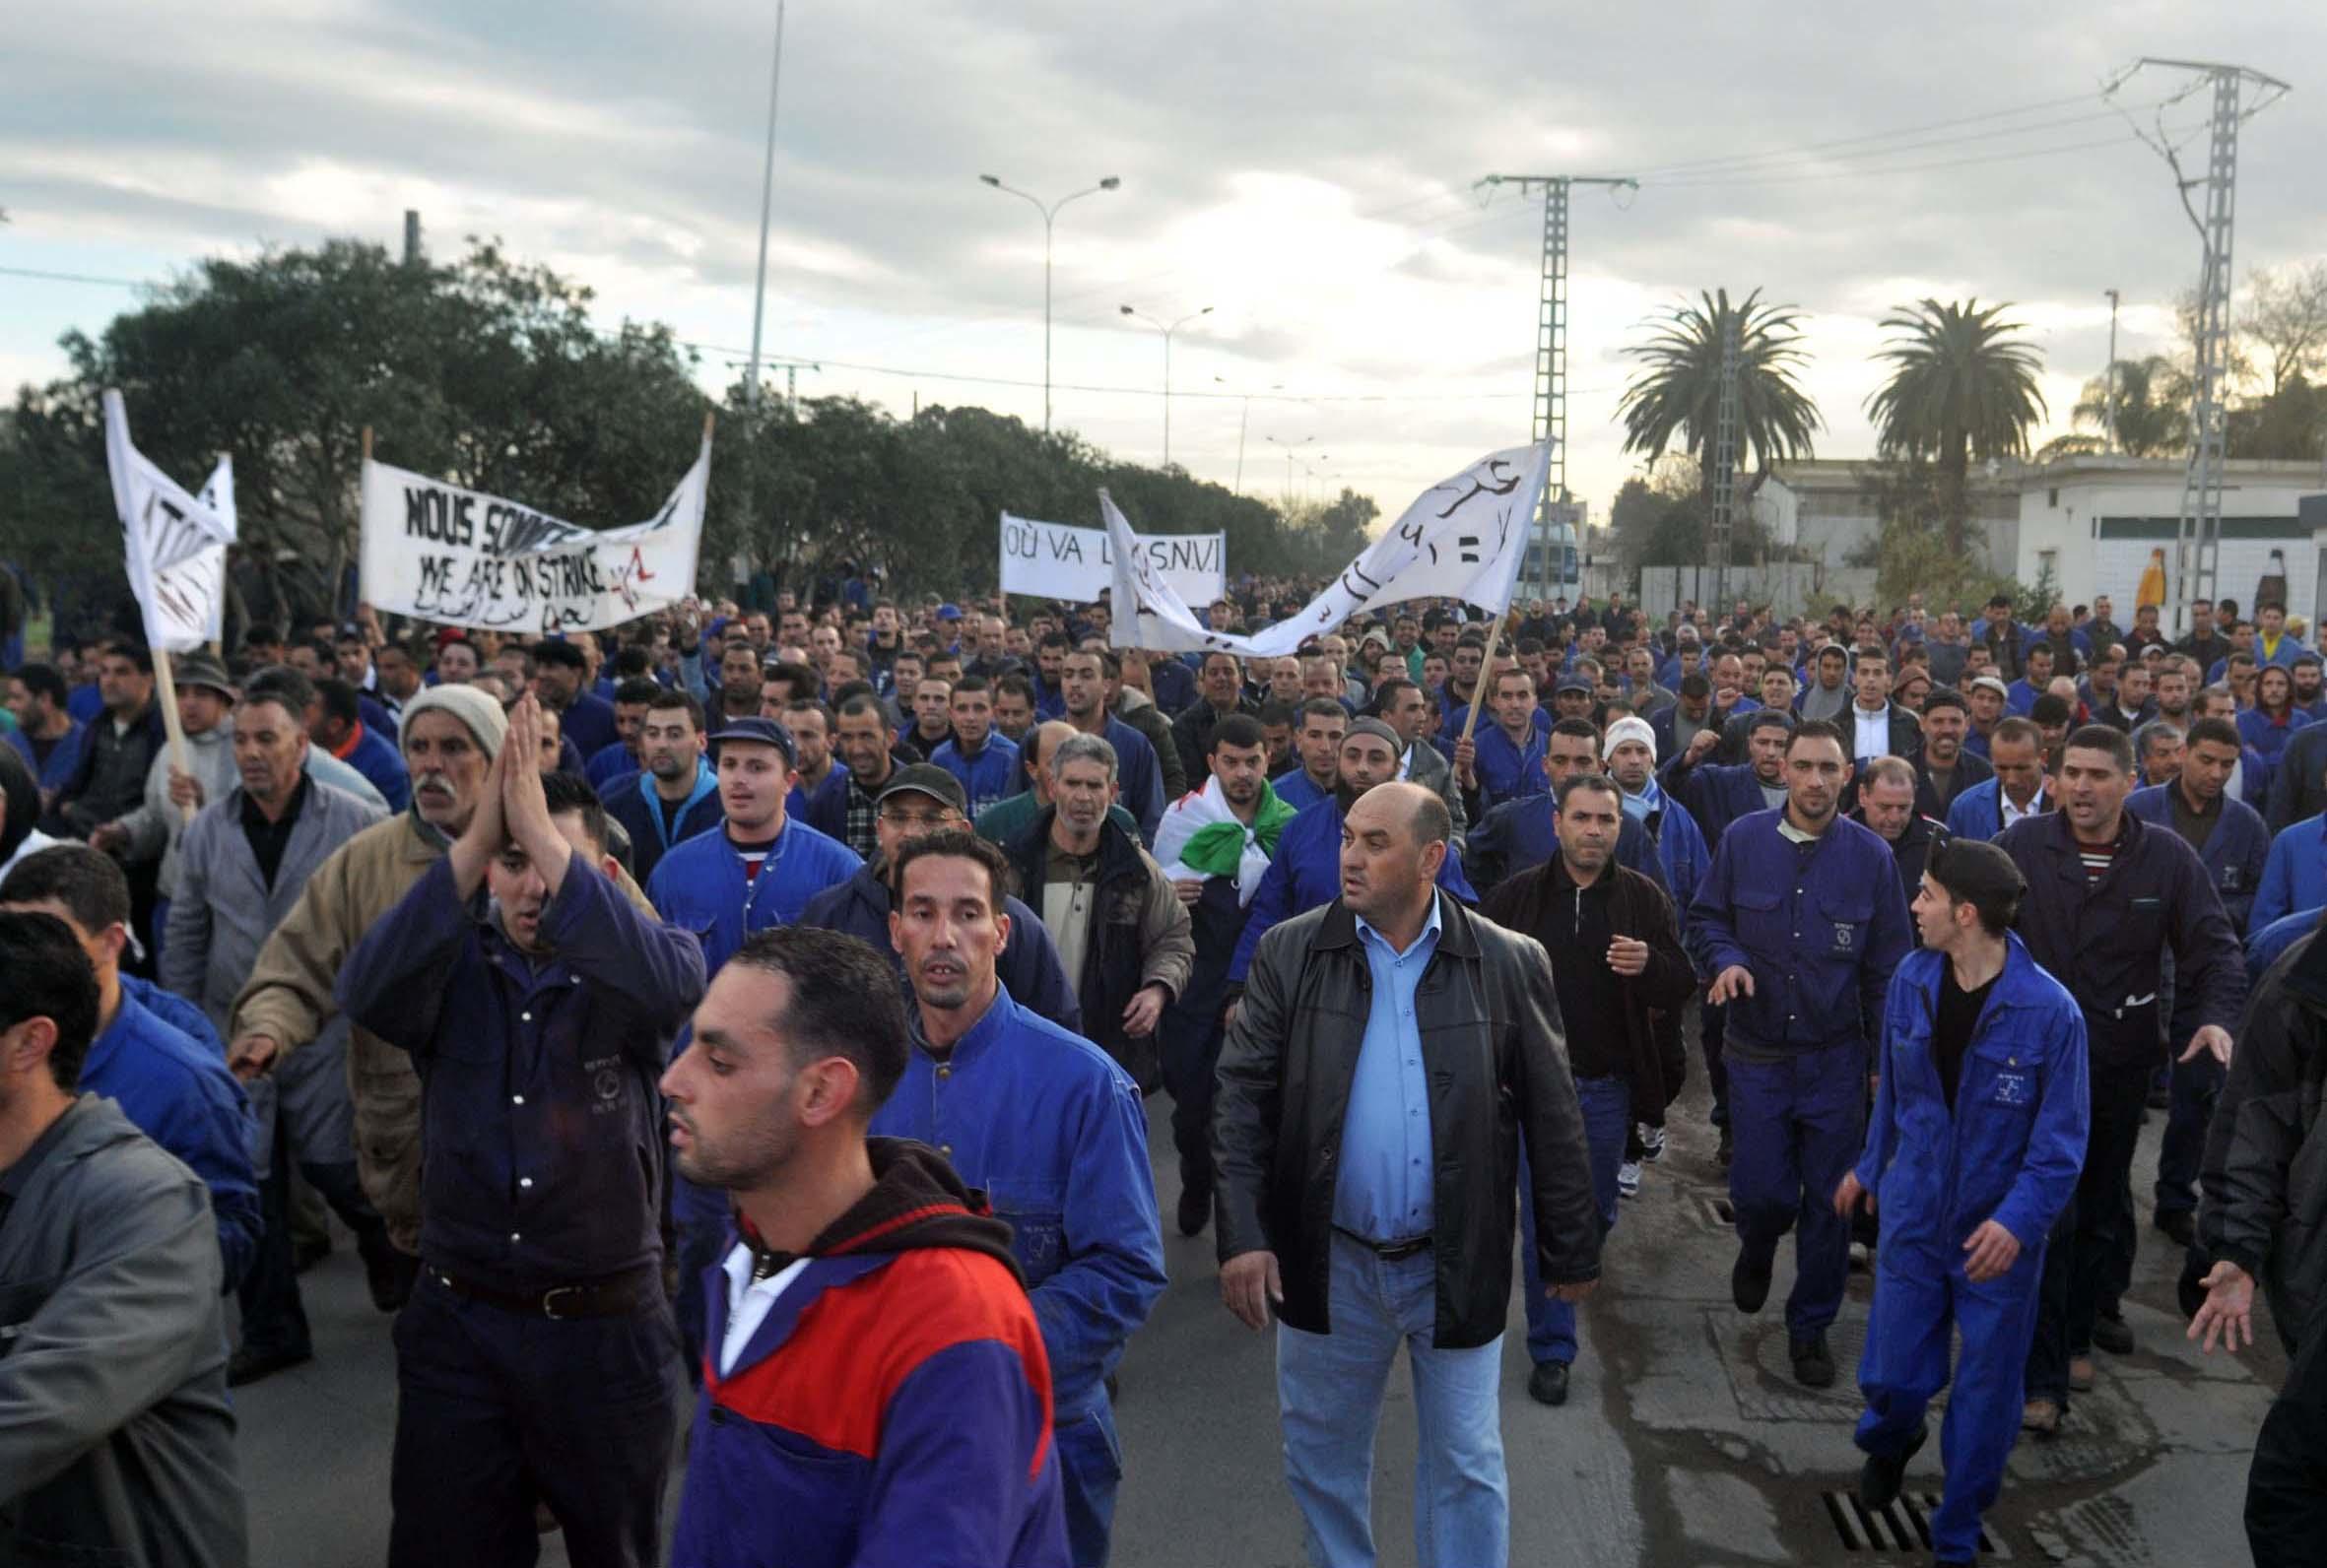 À bas la répression à la SNVI (Algérie)